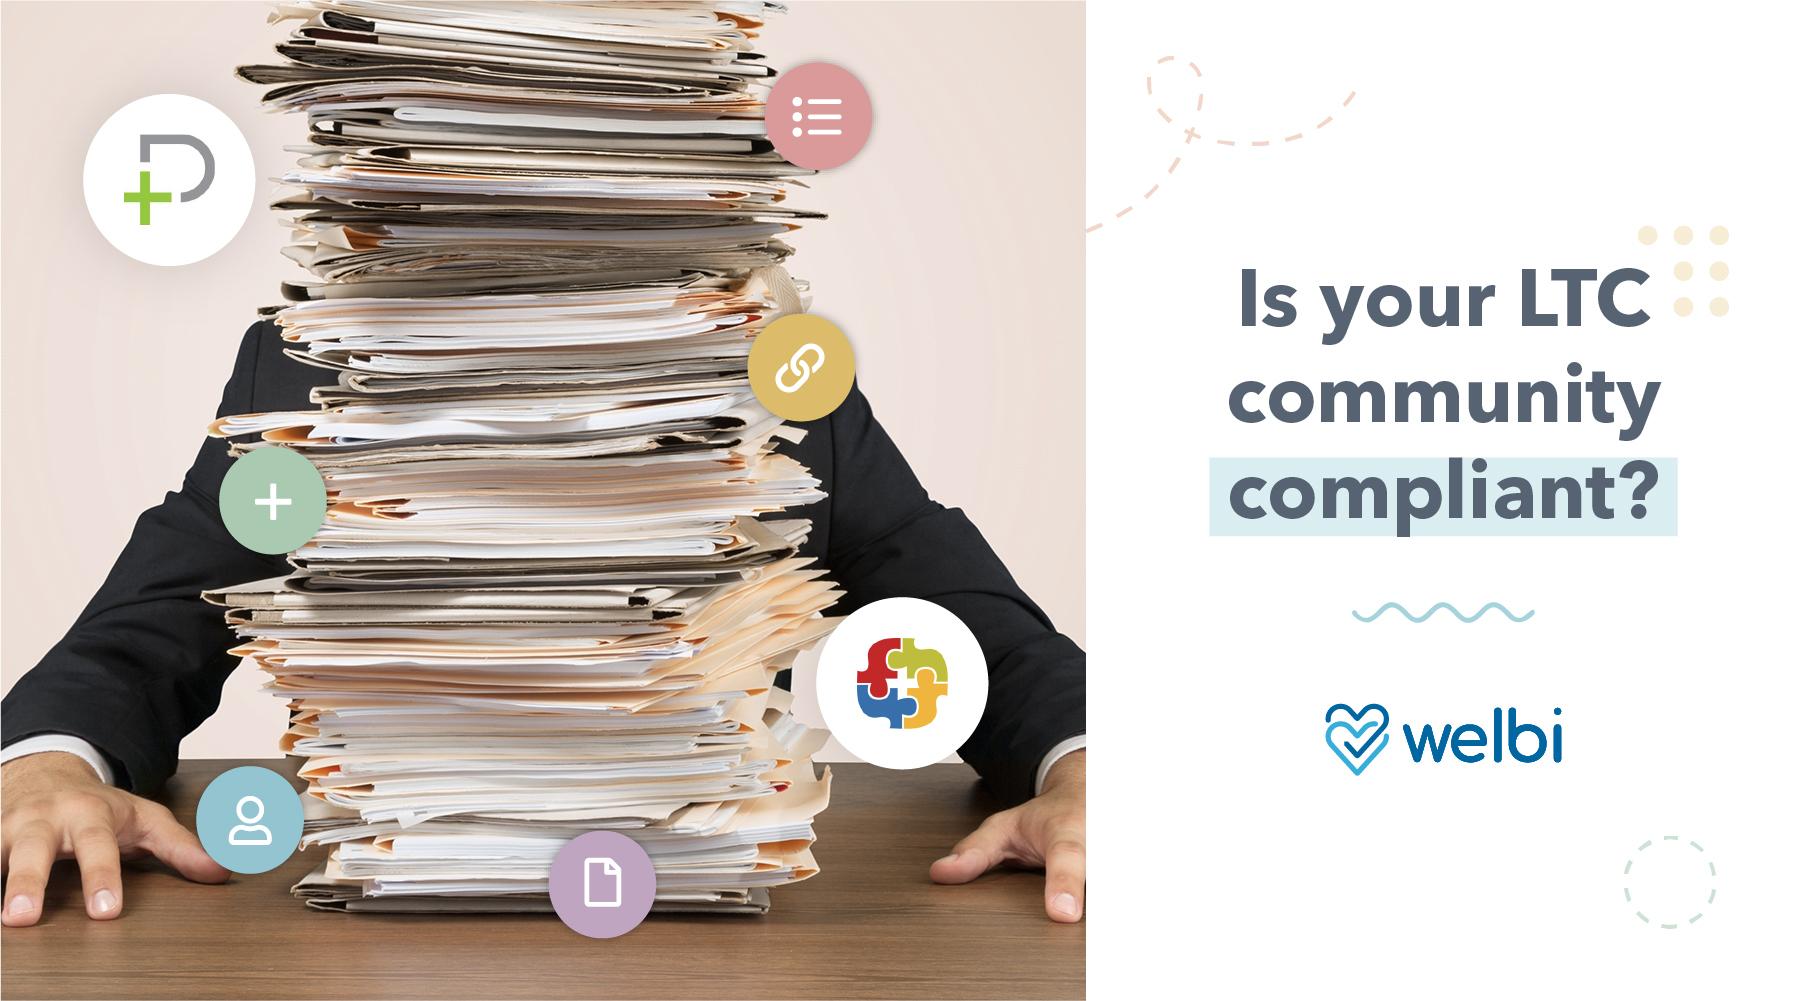 Is Your LTC Community Compliant?